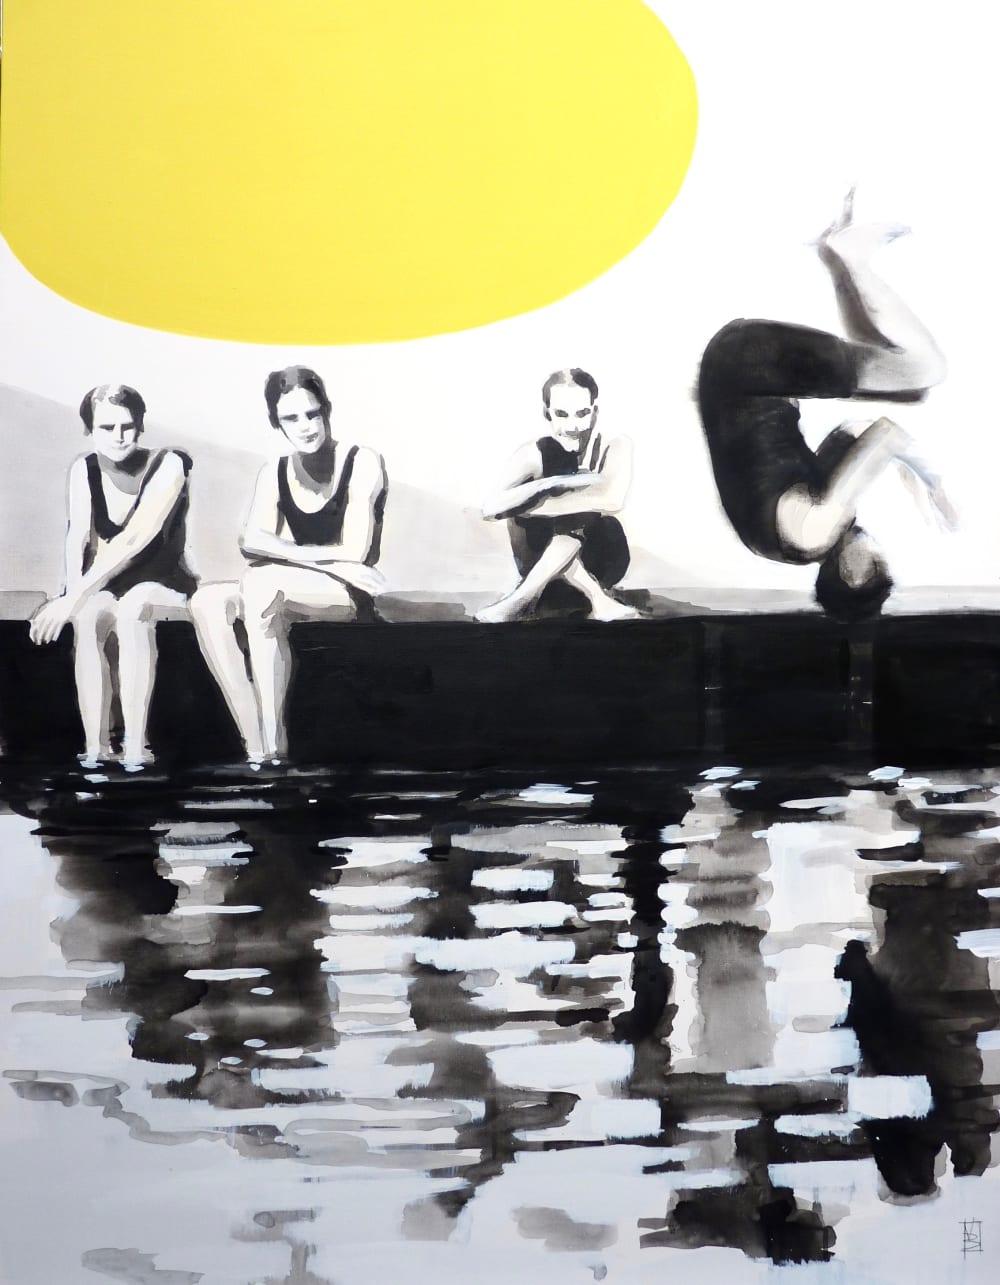 Le saut au ponton - Valérie Betoulaud